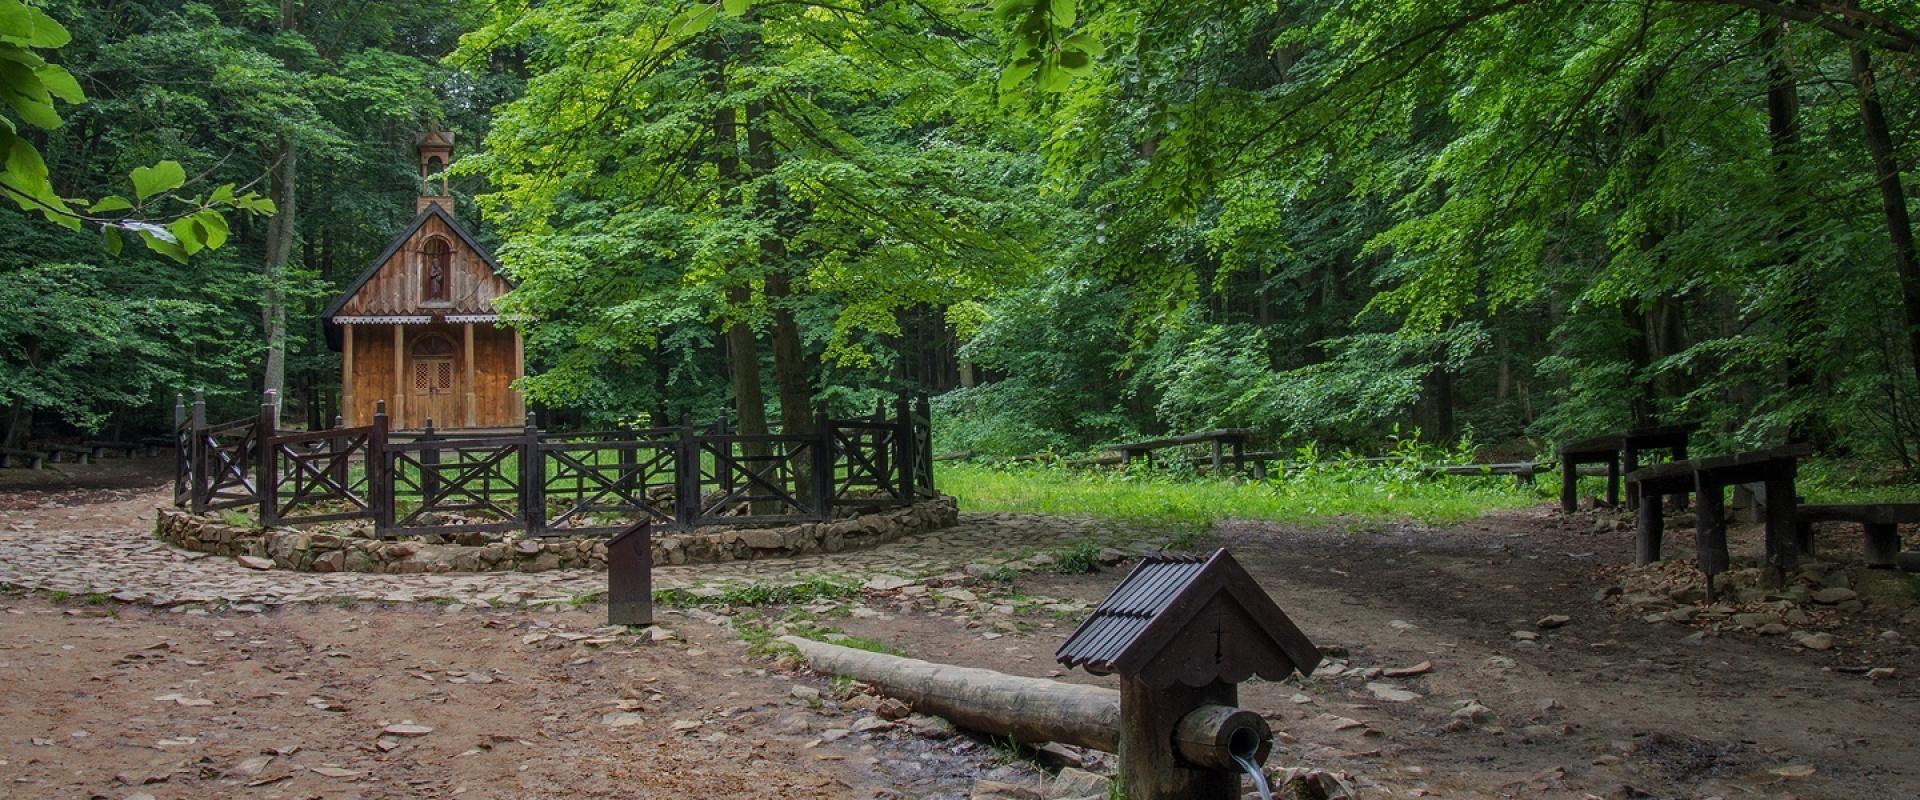 Świetokrzyski National Park